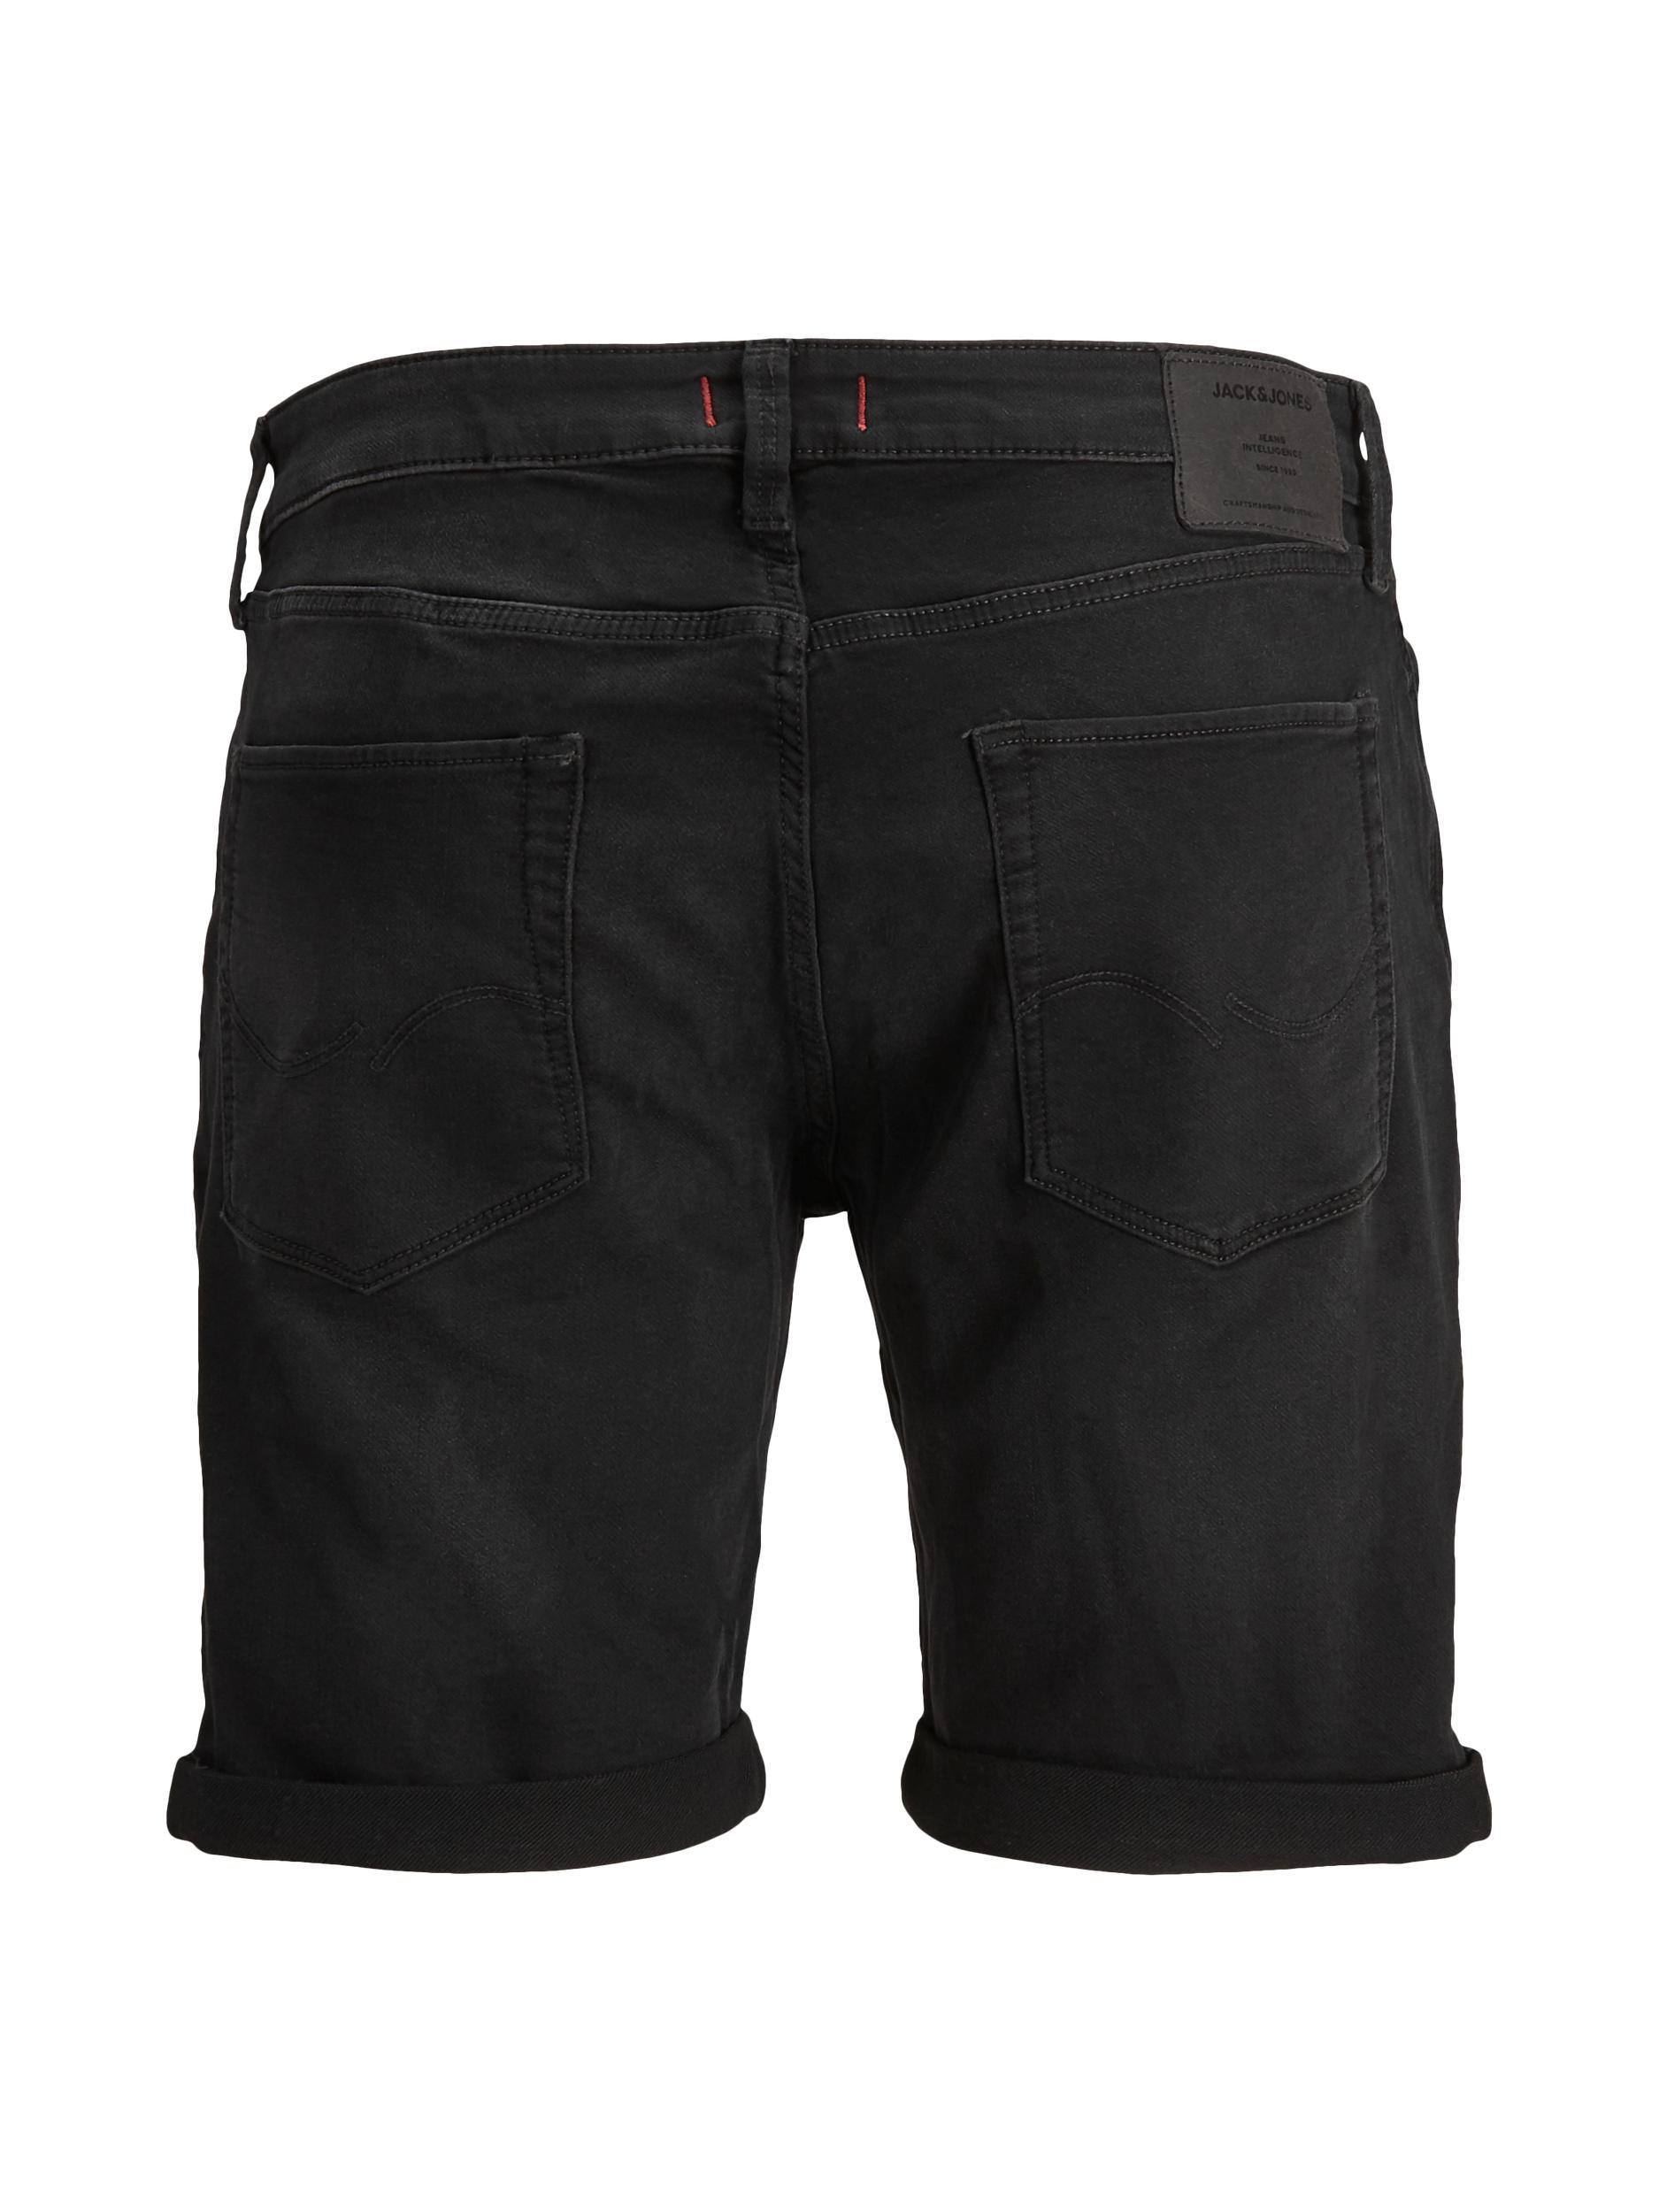 Jack & Jones Rick Icon shorts, black denim, medium